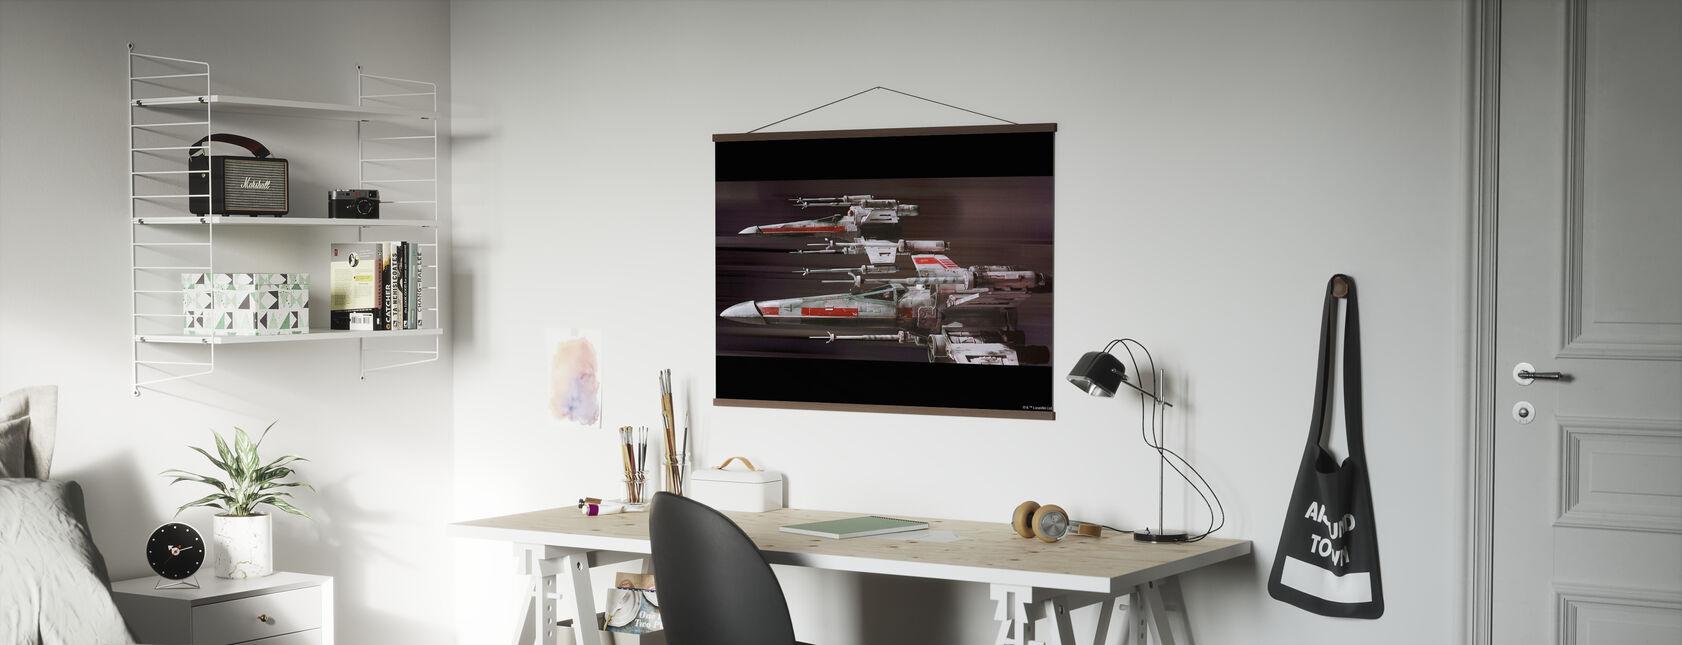 Star Wars - X-siipi - Juliste - Toimisto